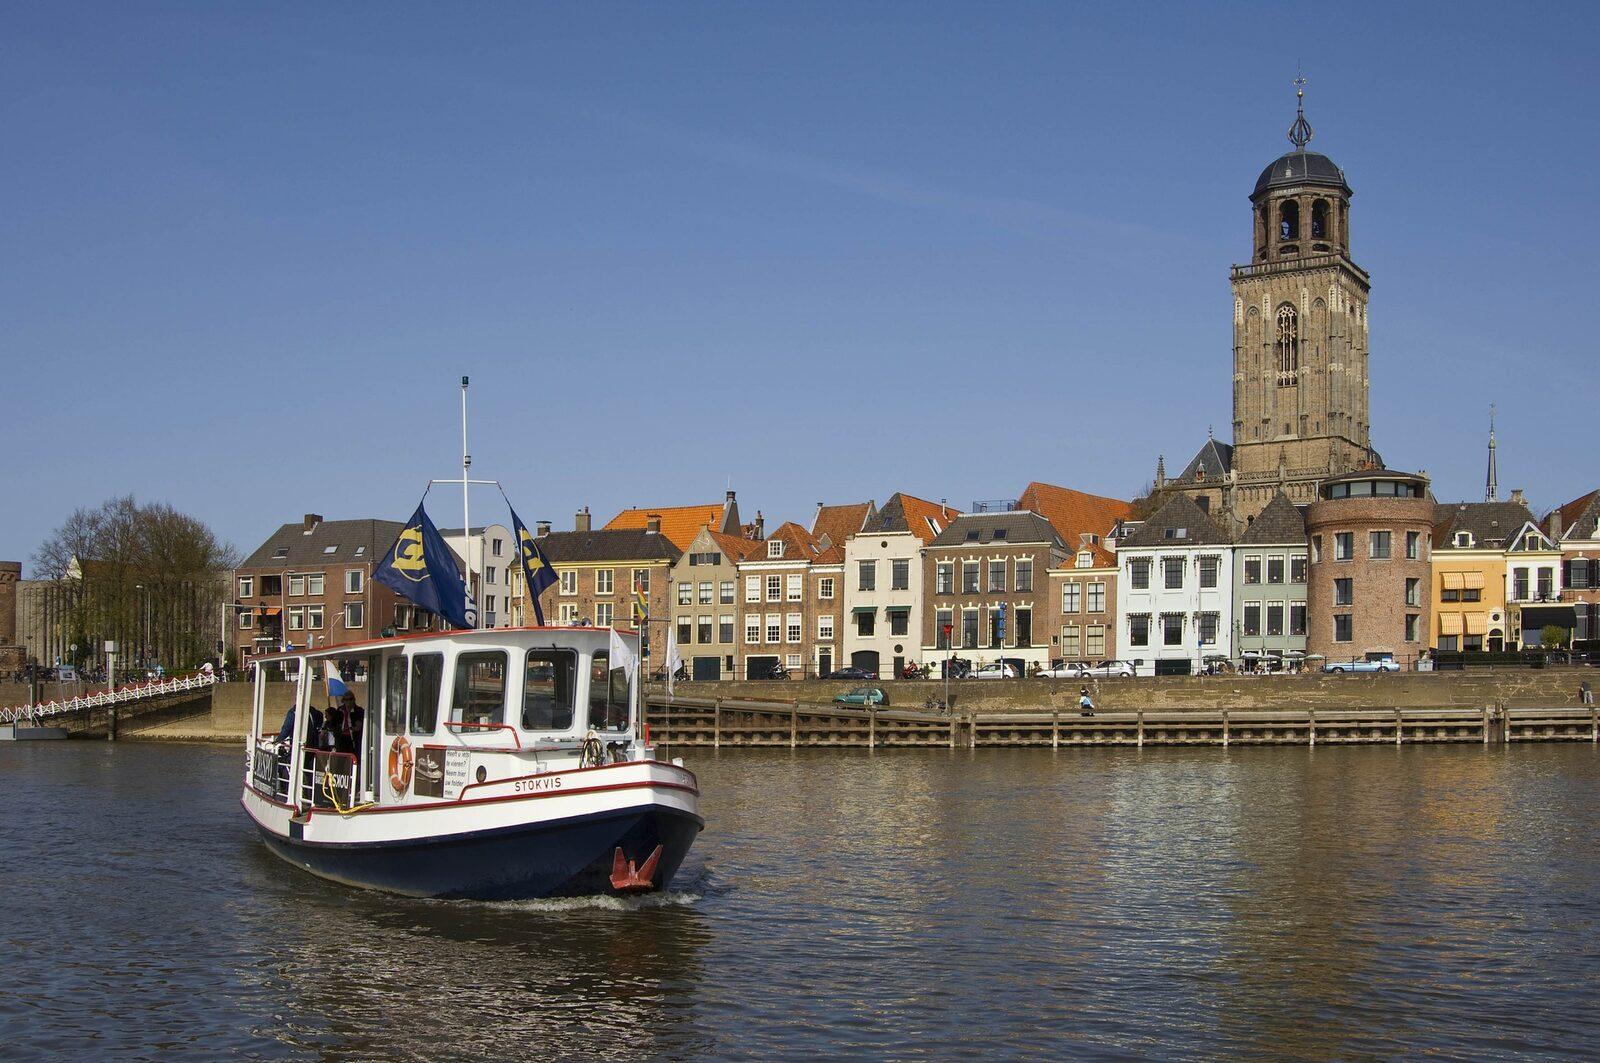 Hanzesteden Nederland